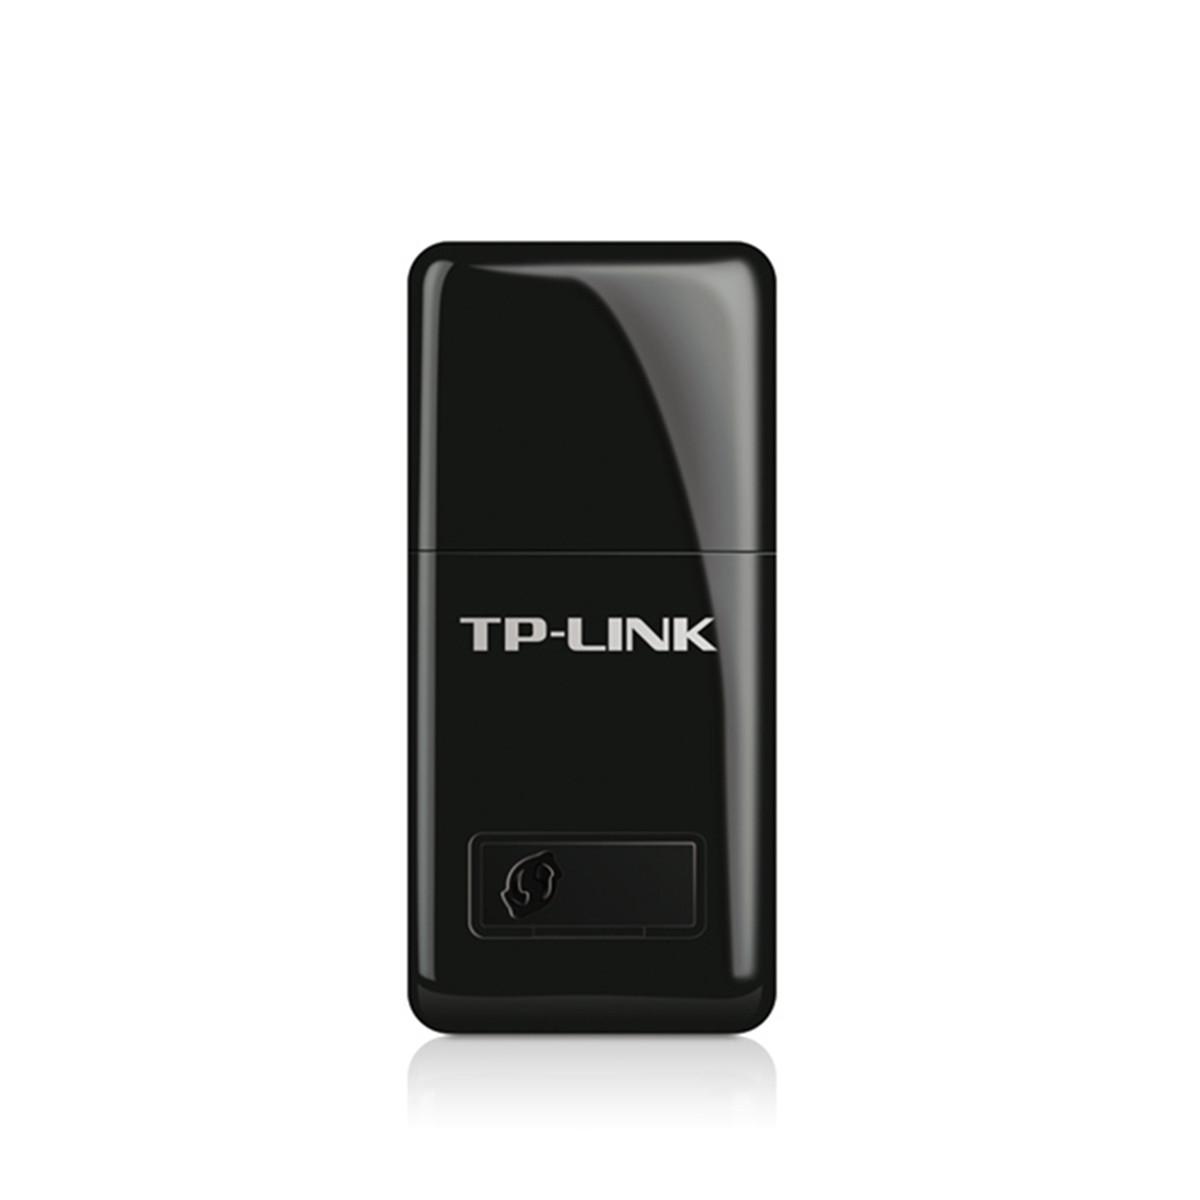 Mini Adaptador de Rede Wireless TP-LINK TL-WN823N Entrada USB 300Mbps